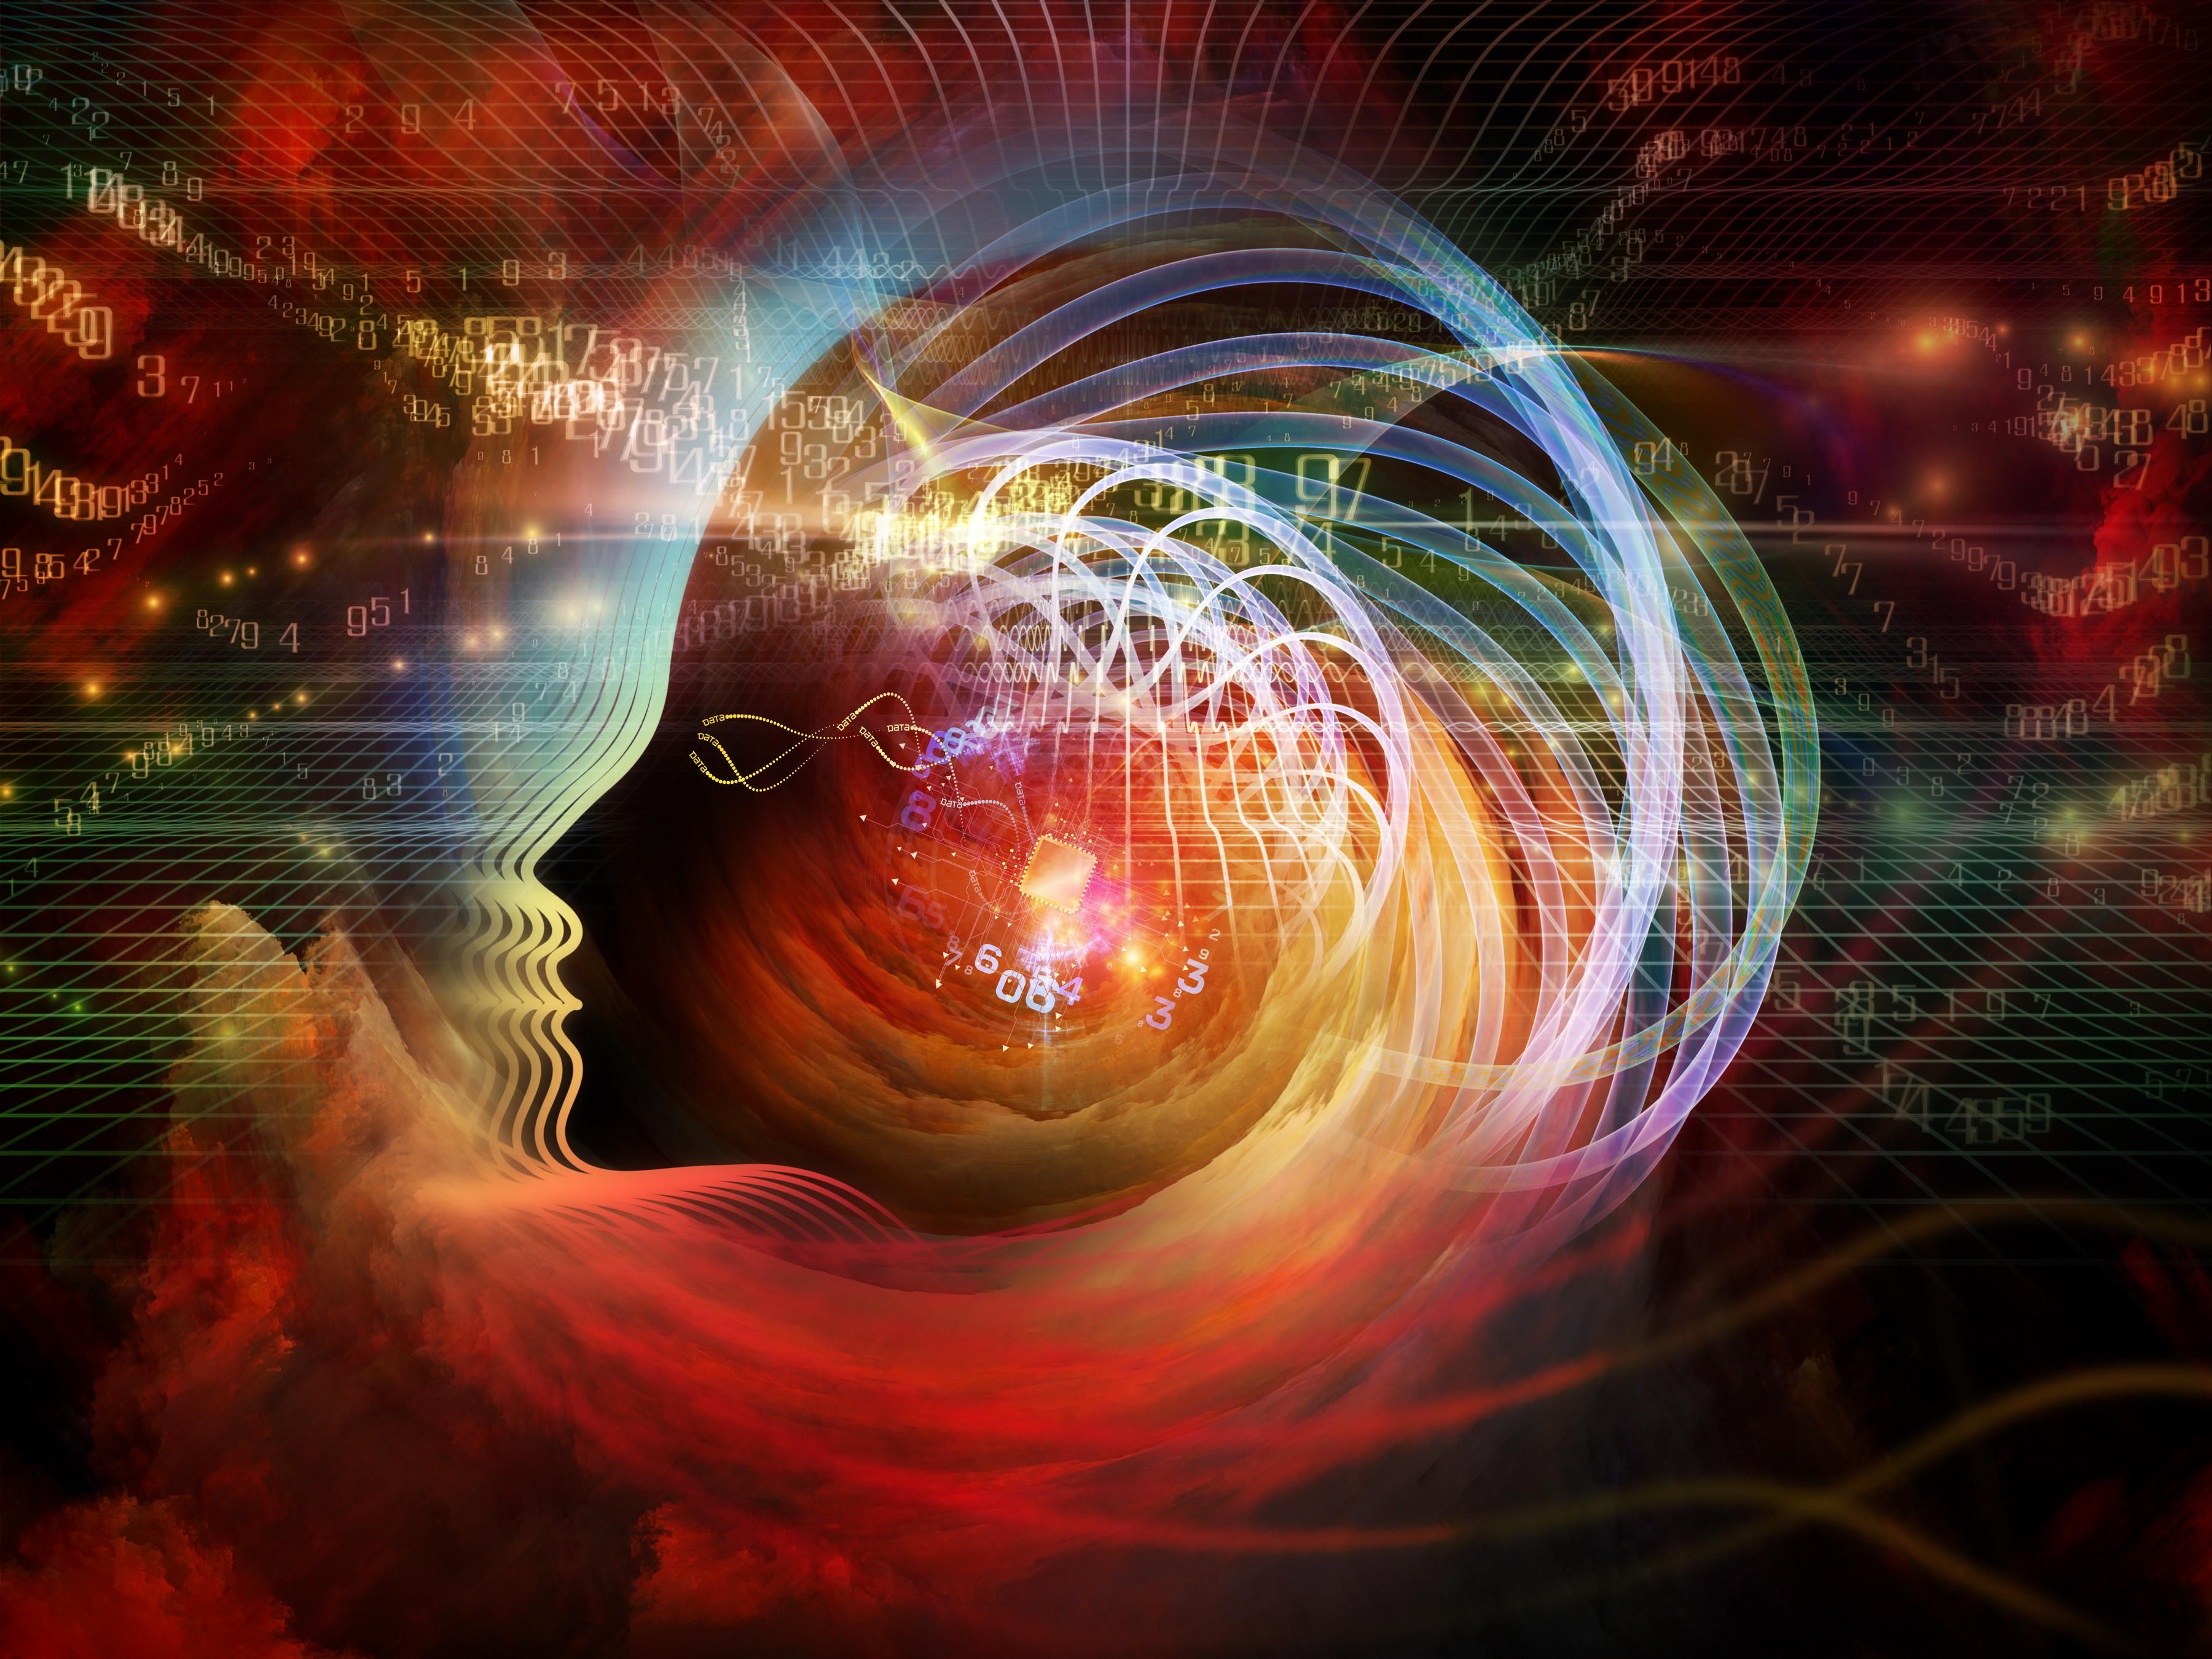 Искусственный интеллект обучили предсказывать смерть